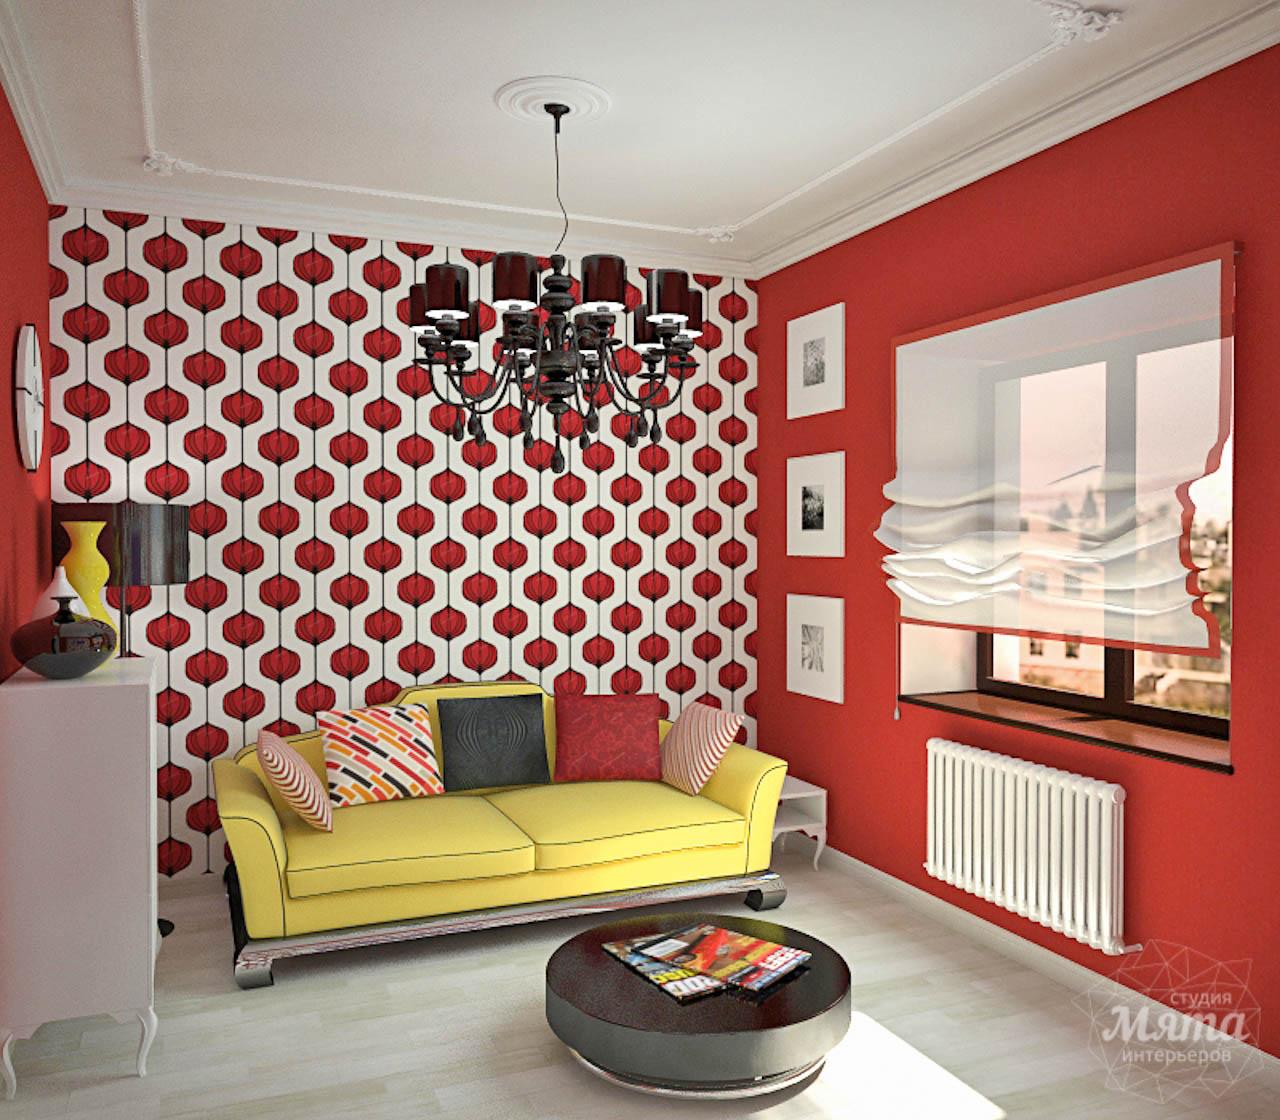 Дизайн интерьера коттеджа первого этажа по ул. Урожайная 17 img1559532161